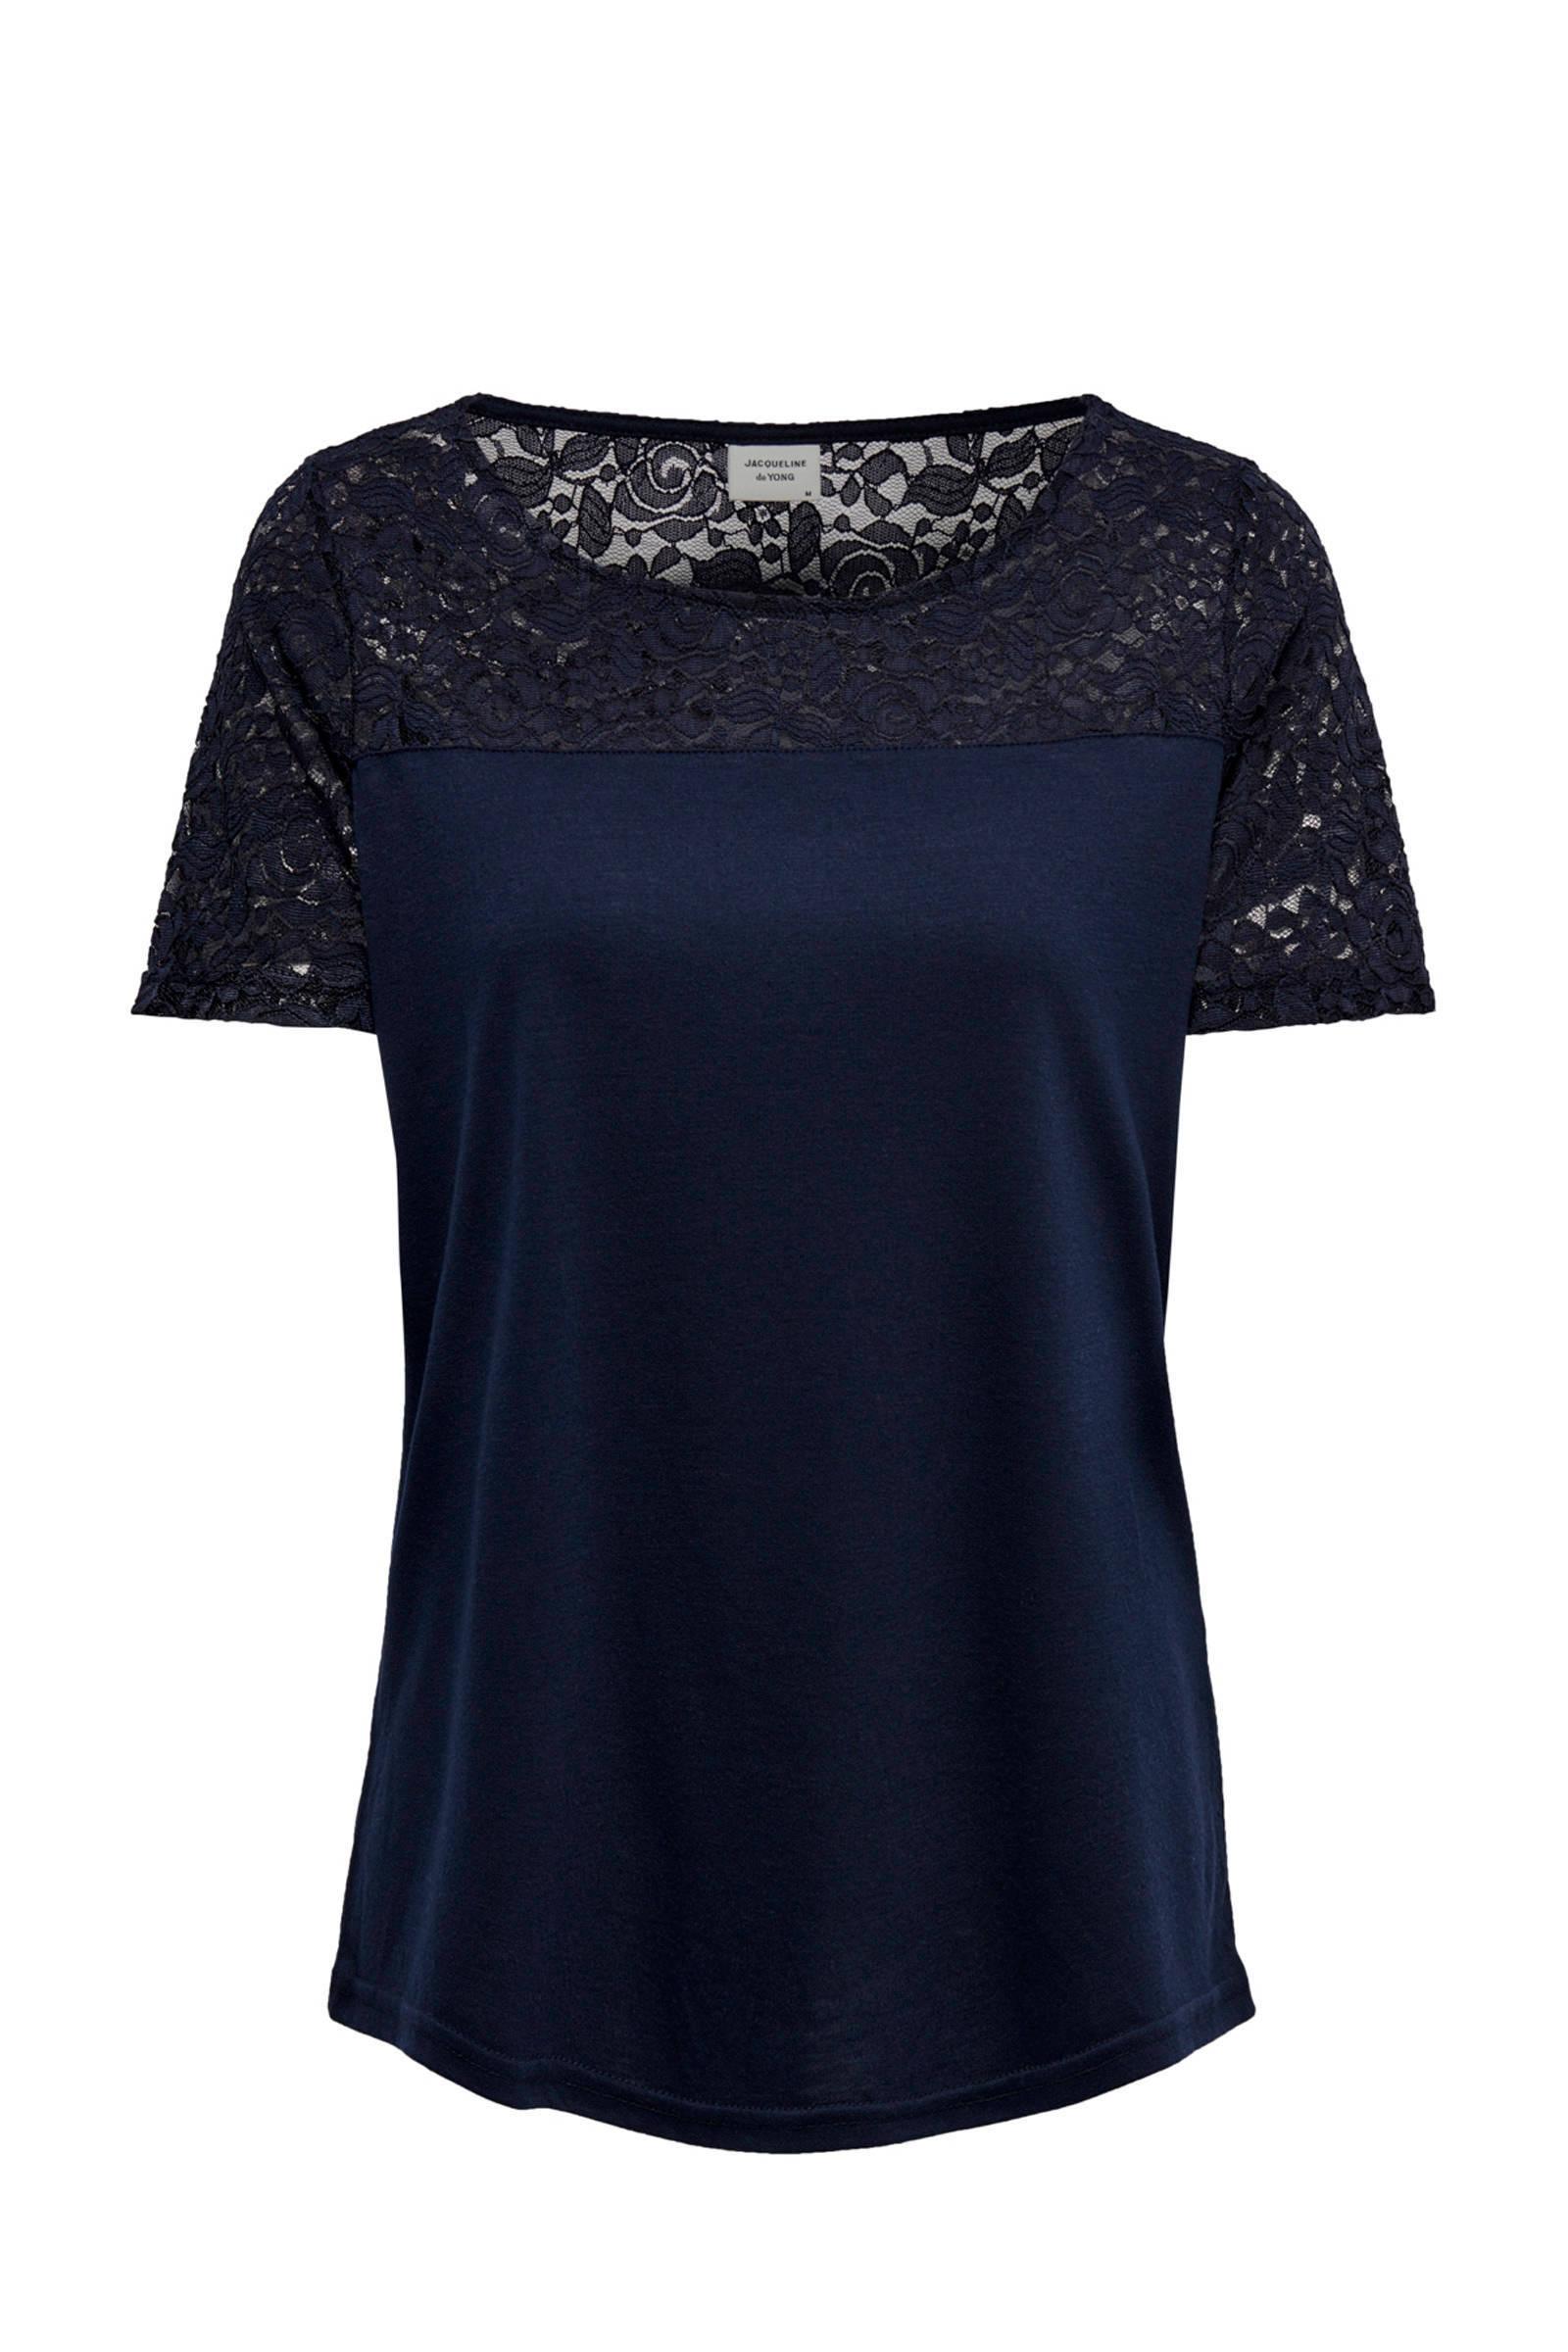 0916d72de16 T-shirt met kant donkerblauw